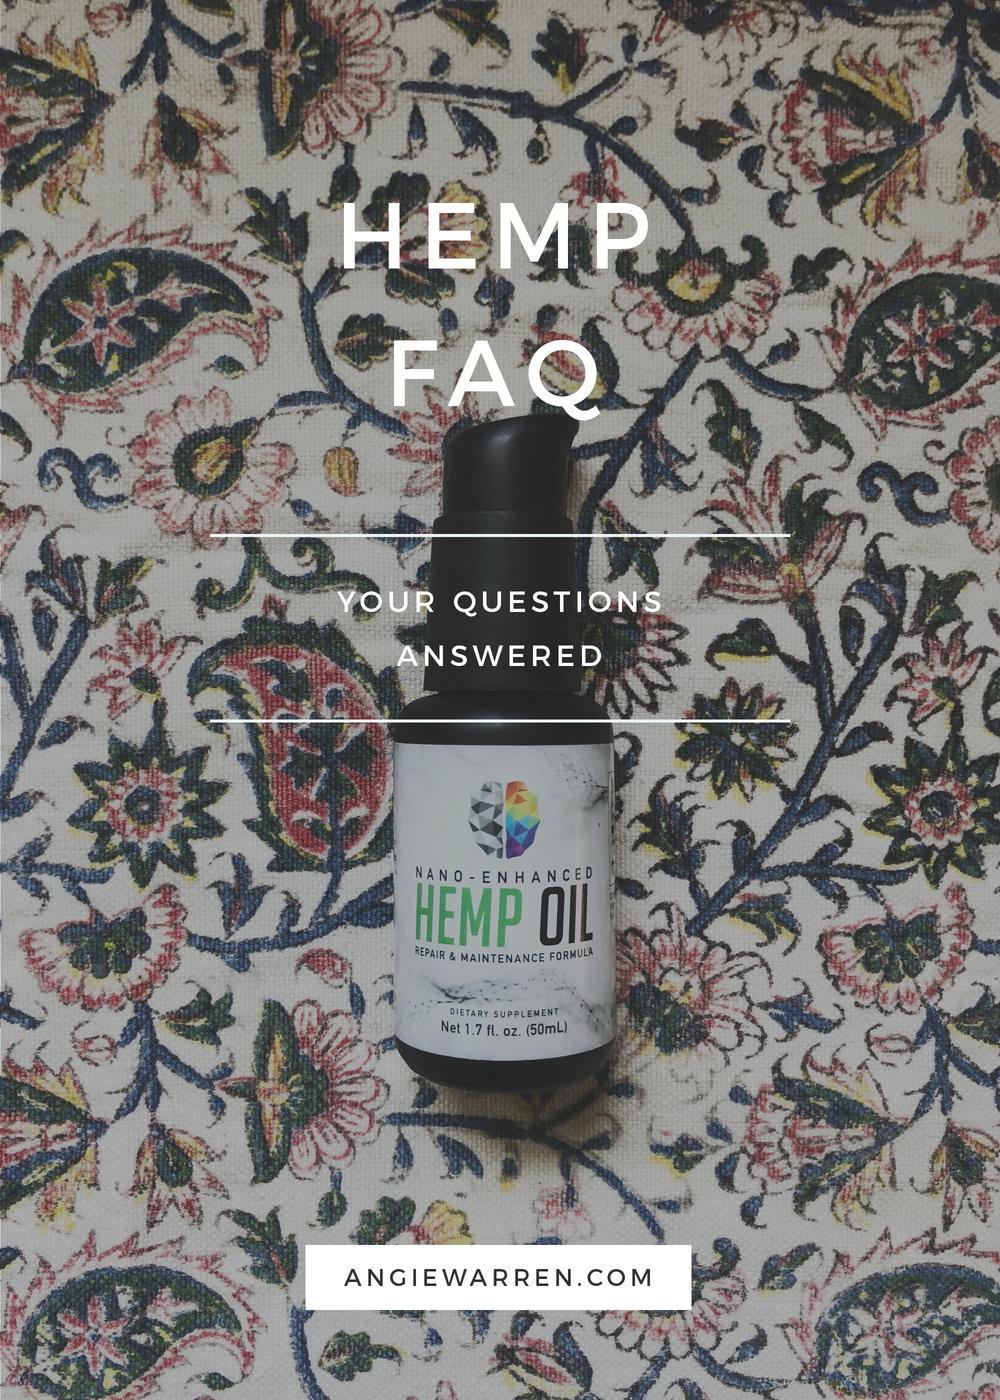 Hemp CBD Oil FAQ (www.angiewarren.com)